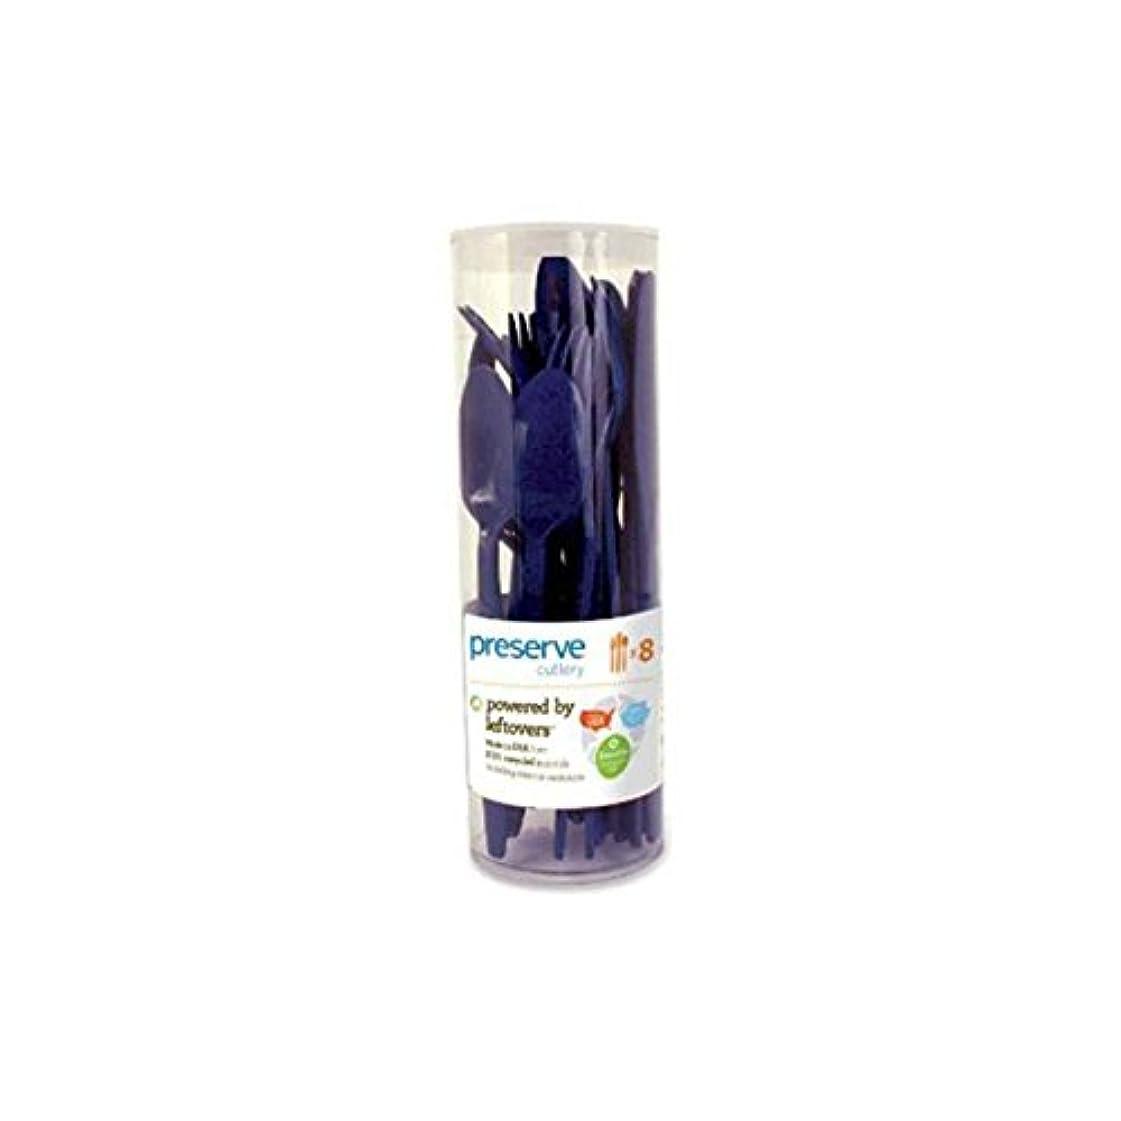 満足させるアプライアンス醸造所Preserve Cutlery (8 Set) - Midnight Blue 24 Pack(S) by Preserve